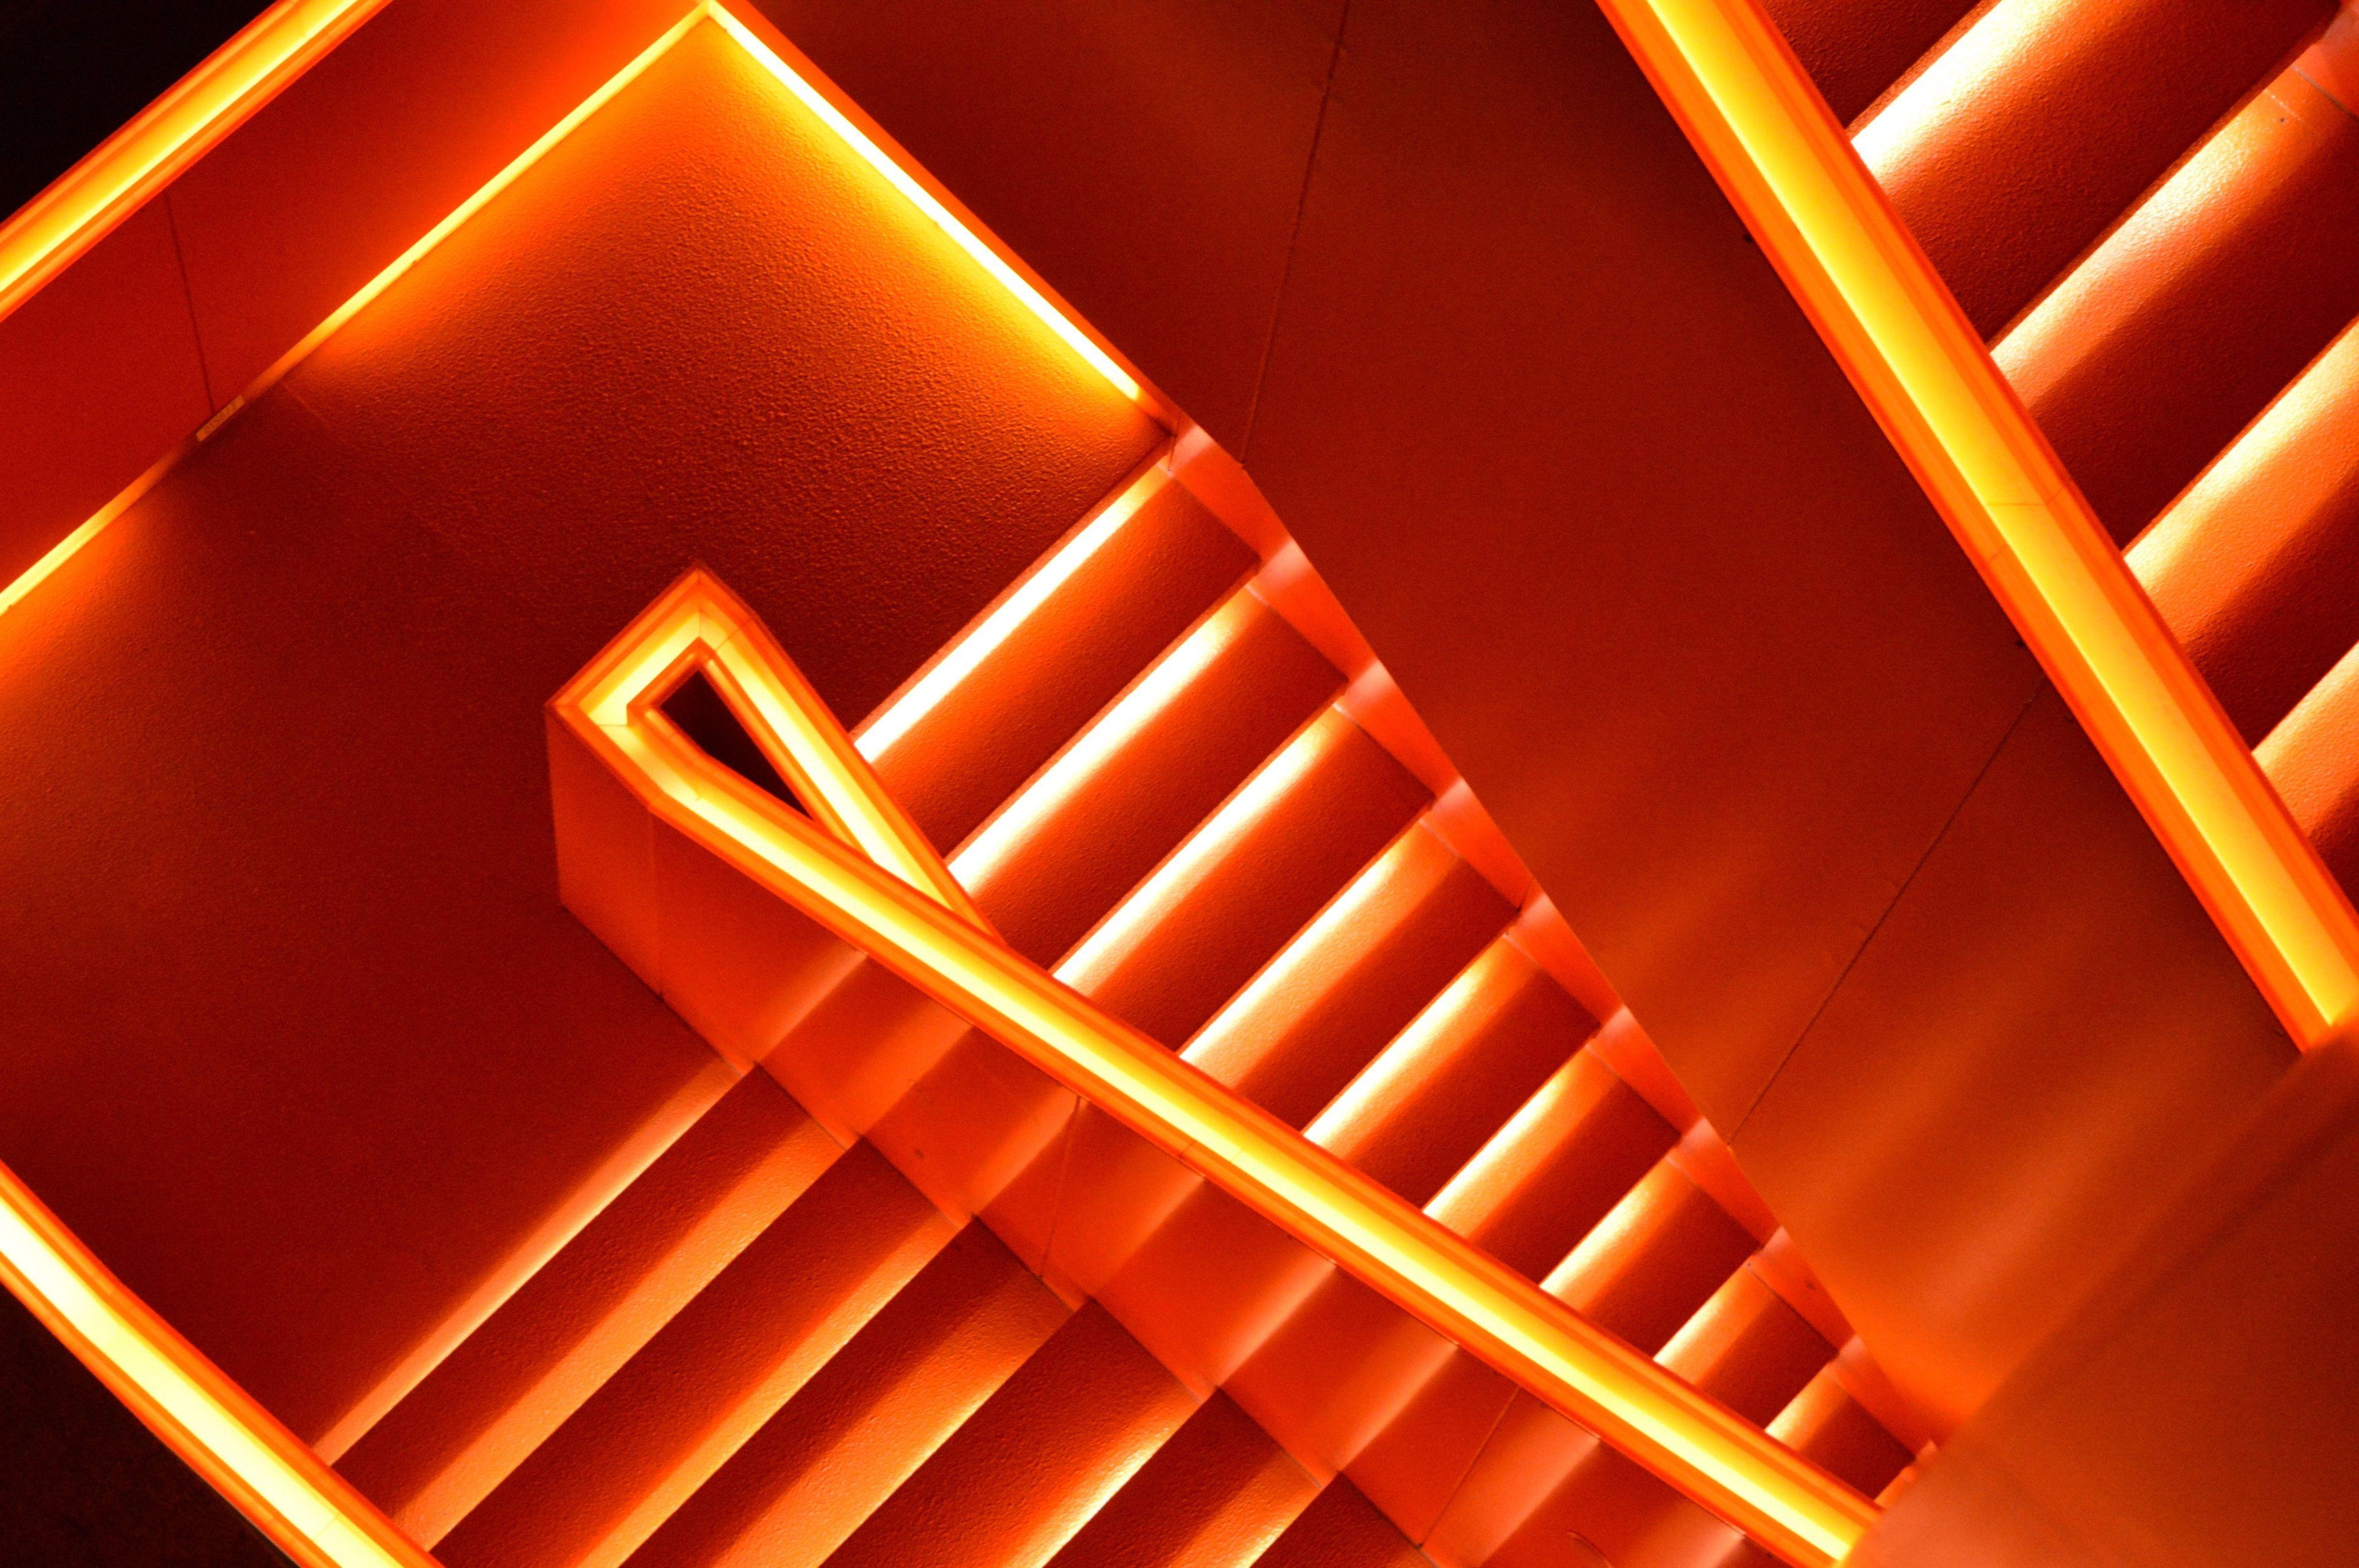 wallpaper aesthetic orange pc wallpapershit